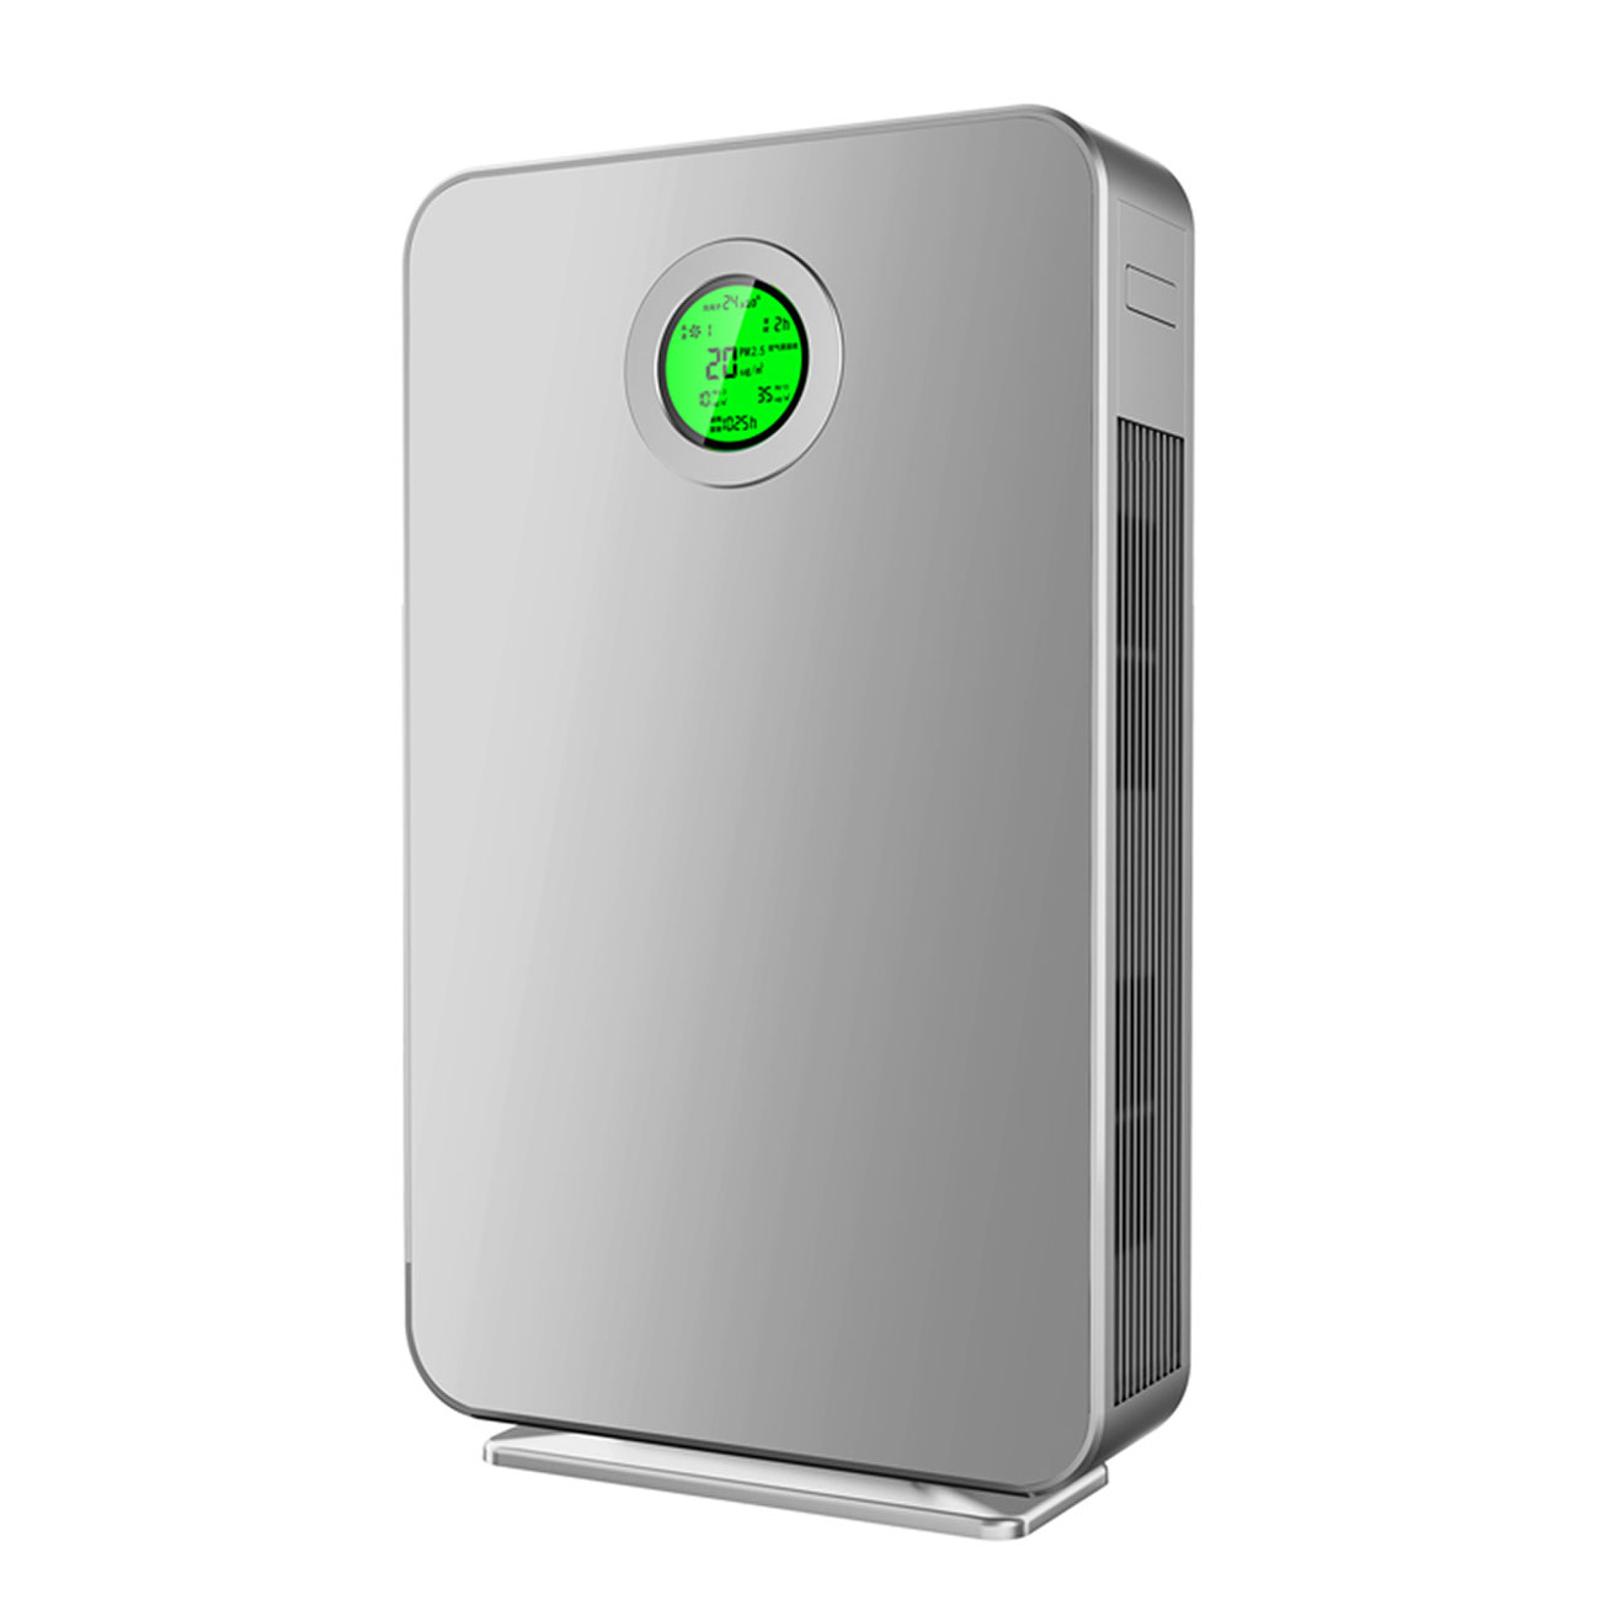 Oczyszczacz powietrza NEVOOX LF 2010 UV-C